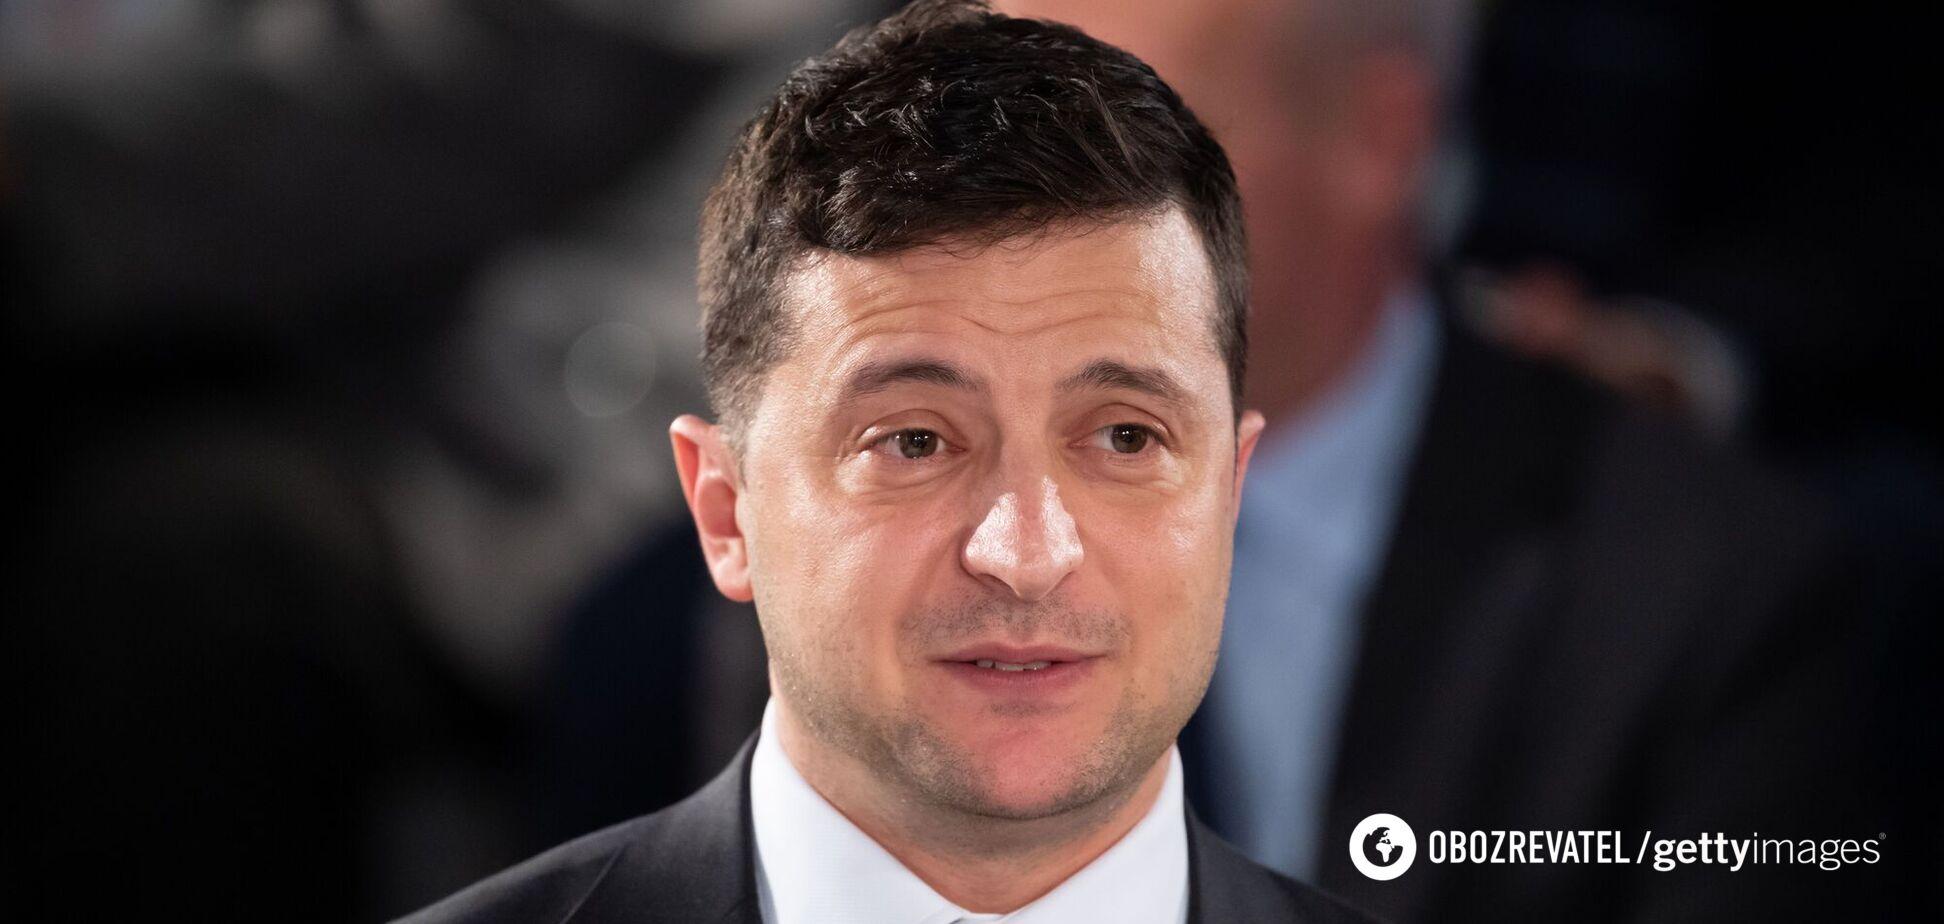 Зеленський засипав 'наступників' Меркель питаннями про майбутнє України в НАТО і ЄС